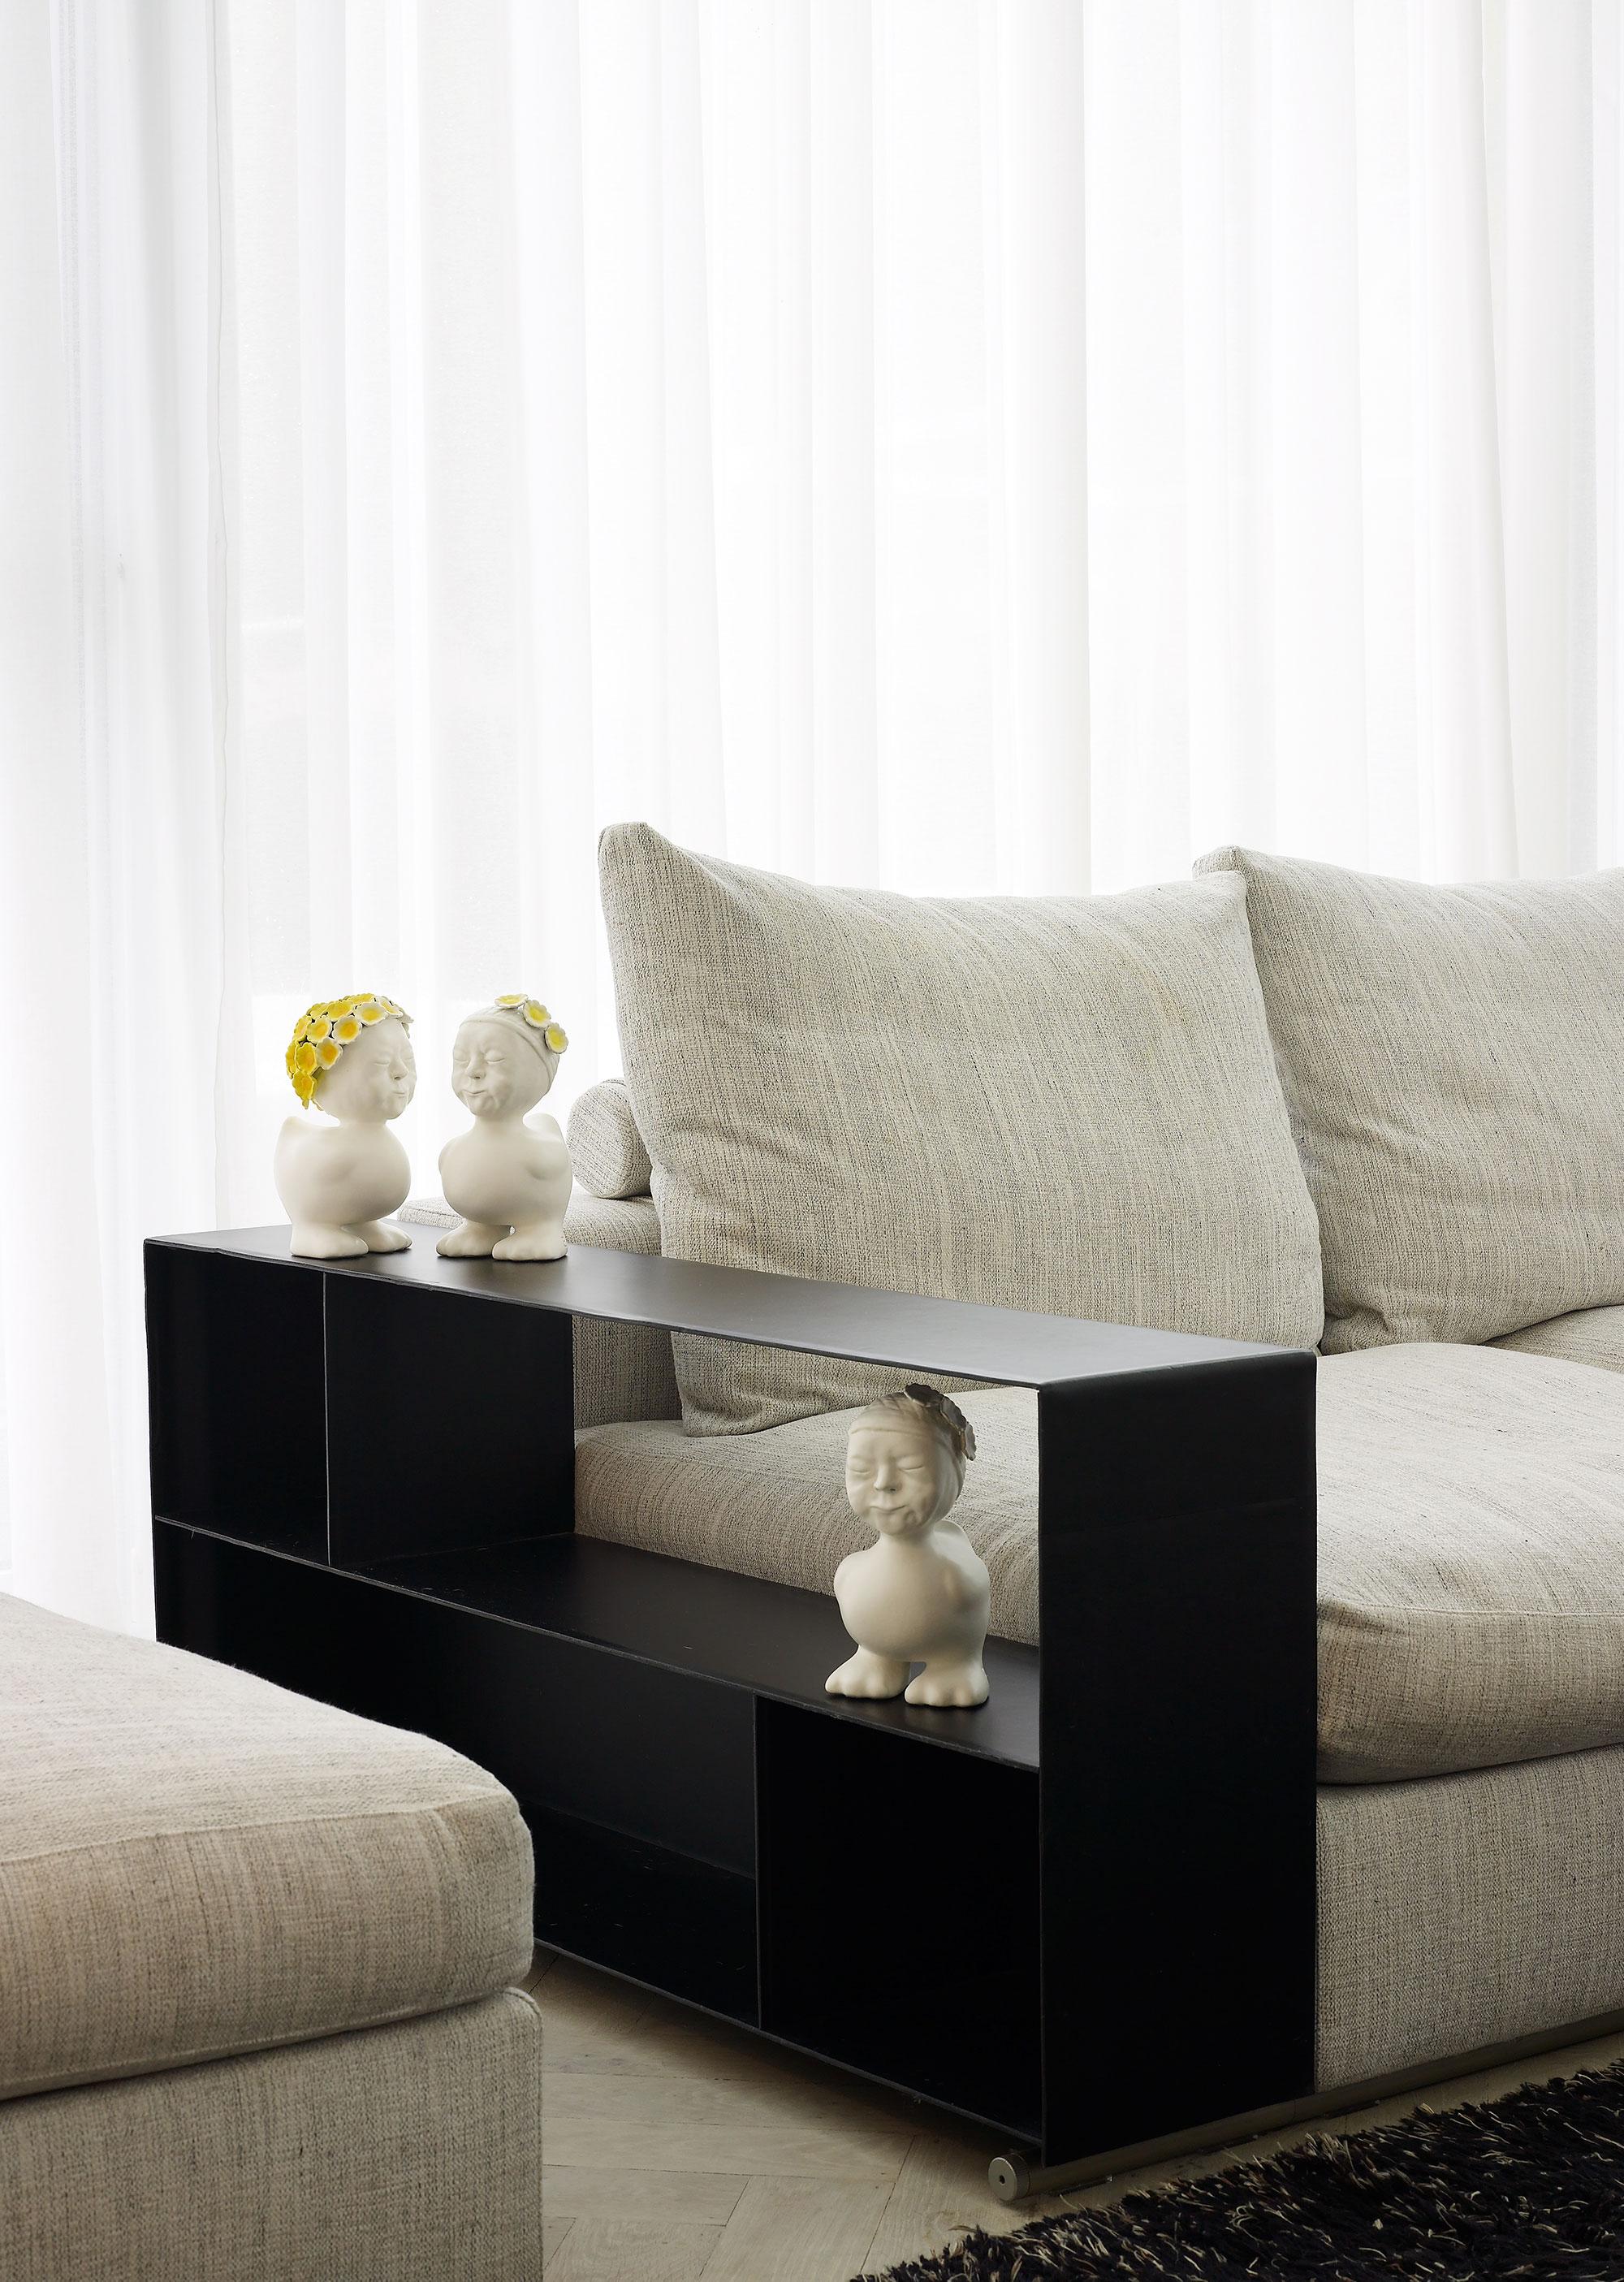 accessoires design meubelen interieur plus On interieur accessoires design